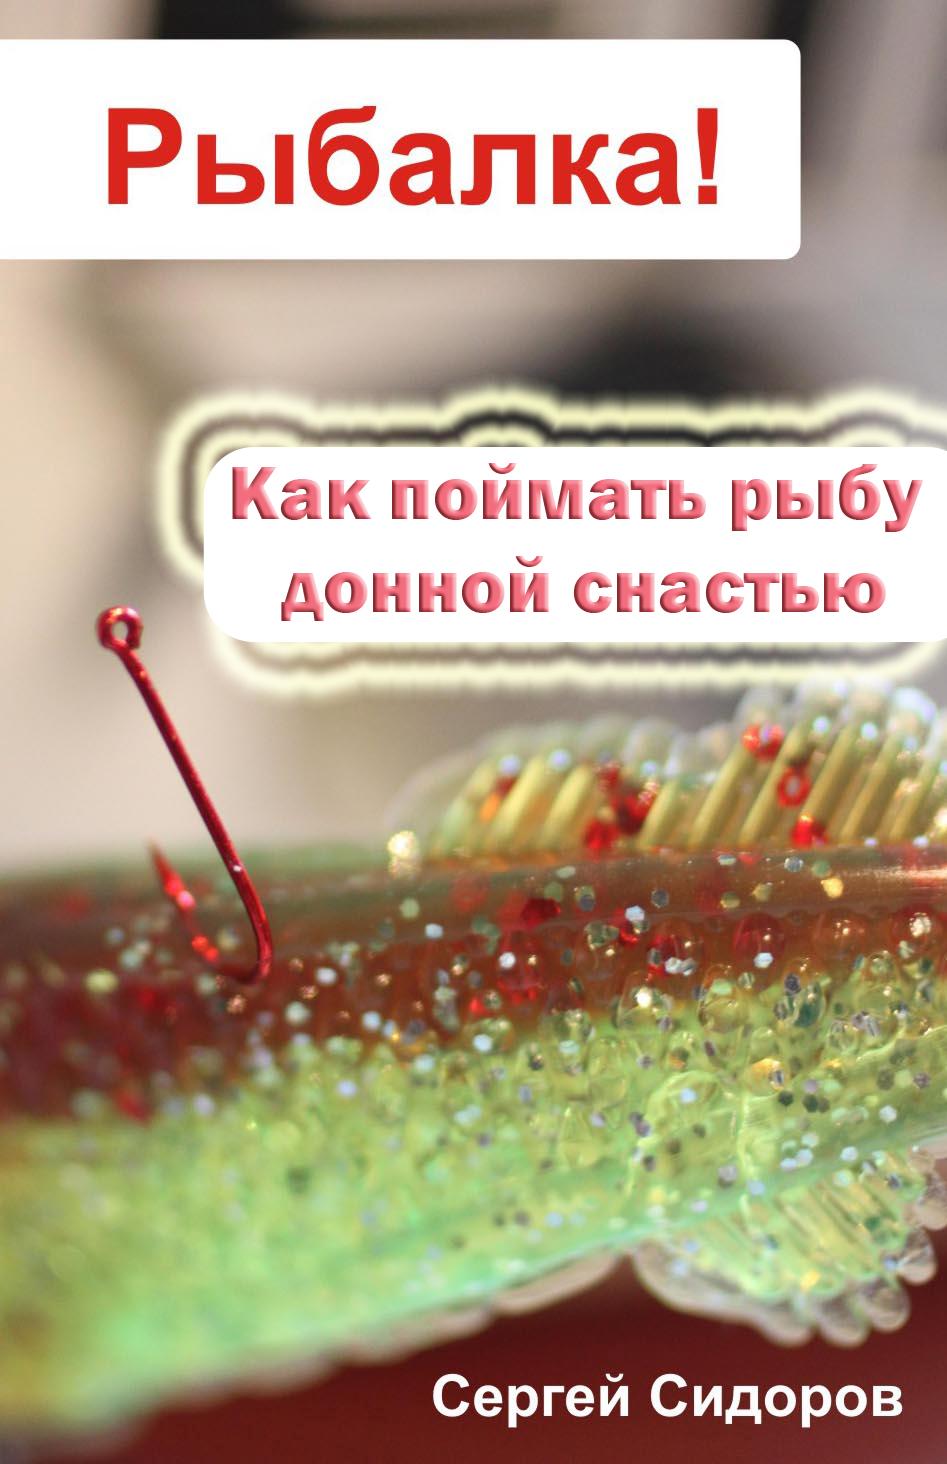 Сергей Сидоров поймать рыбу донной сстью